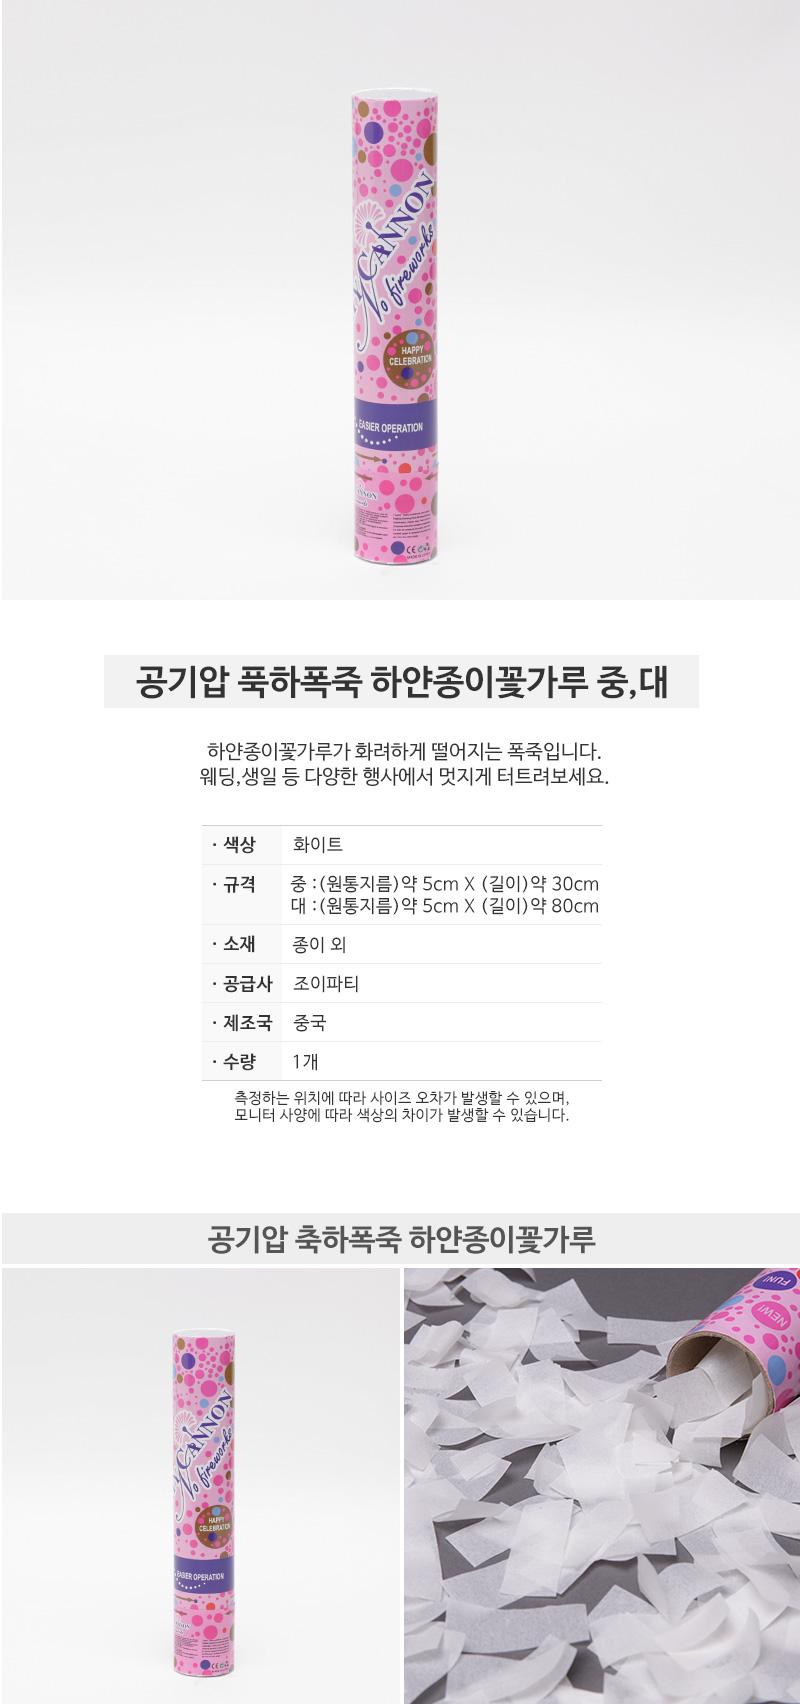 공기압 축하폭죽 중 하얀종이꽃가루 - 파티마트, 3,900원, 파티용품, 양초/폭죽